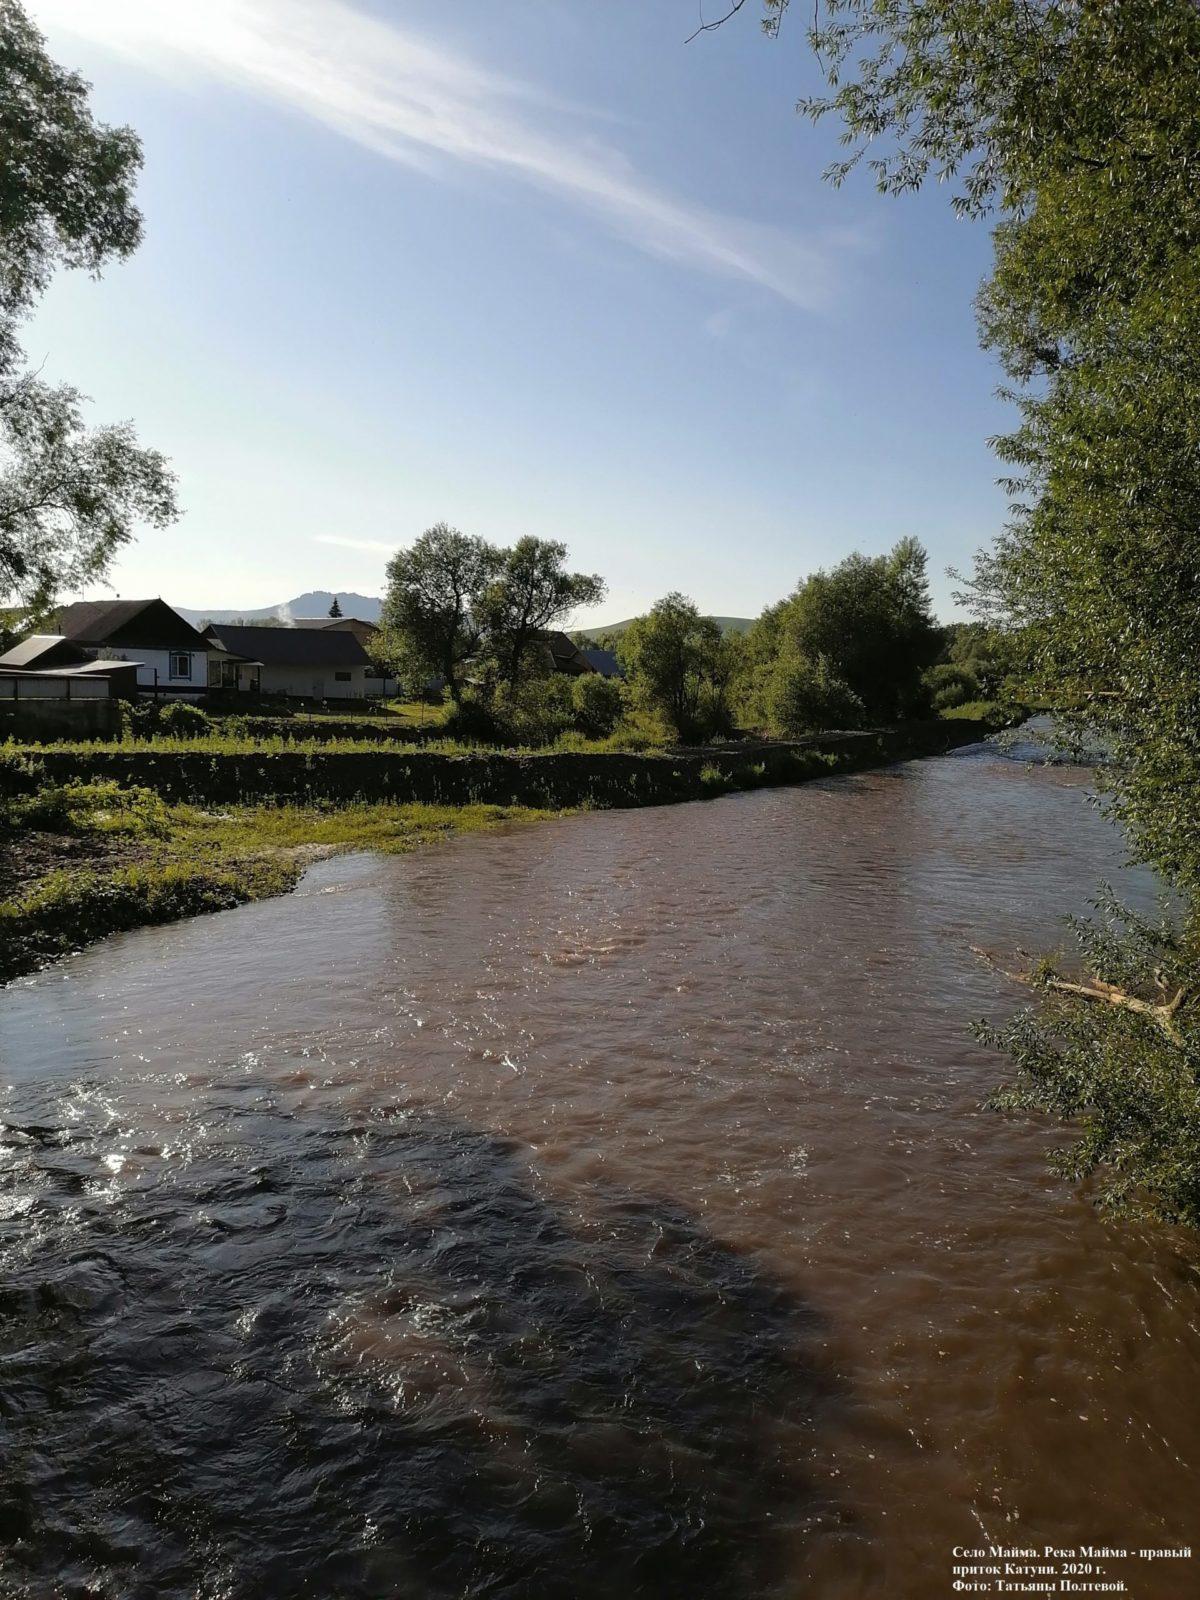 Село Майма. Река Майма - правый приток Катуни. 2020 г.